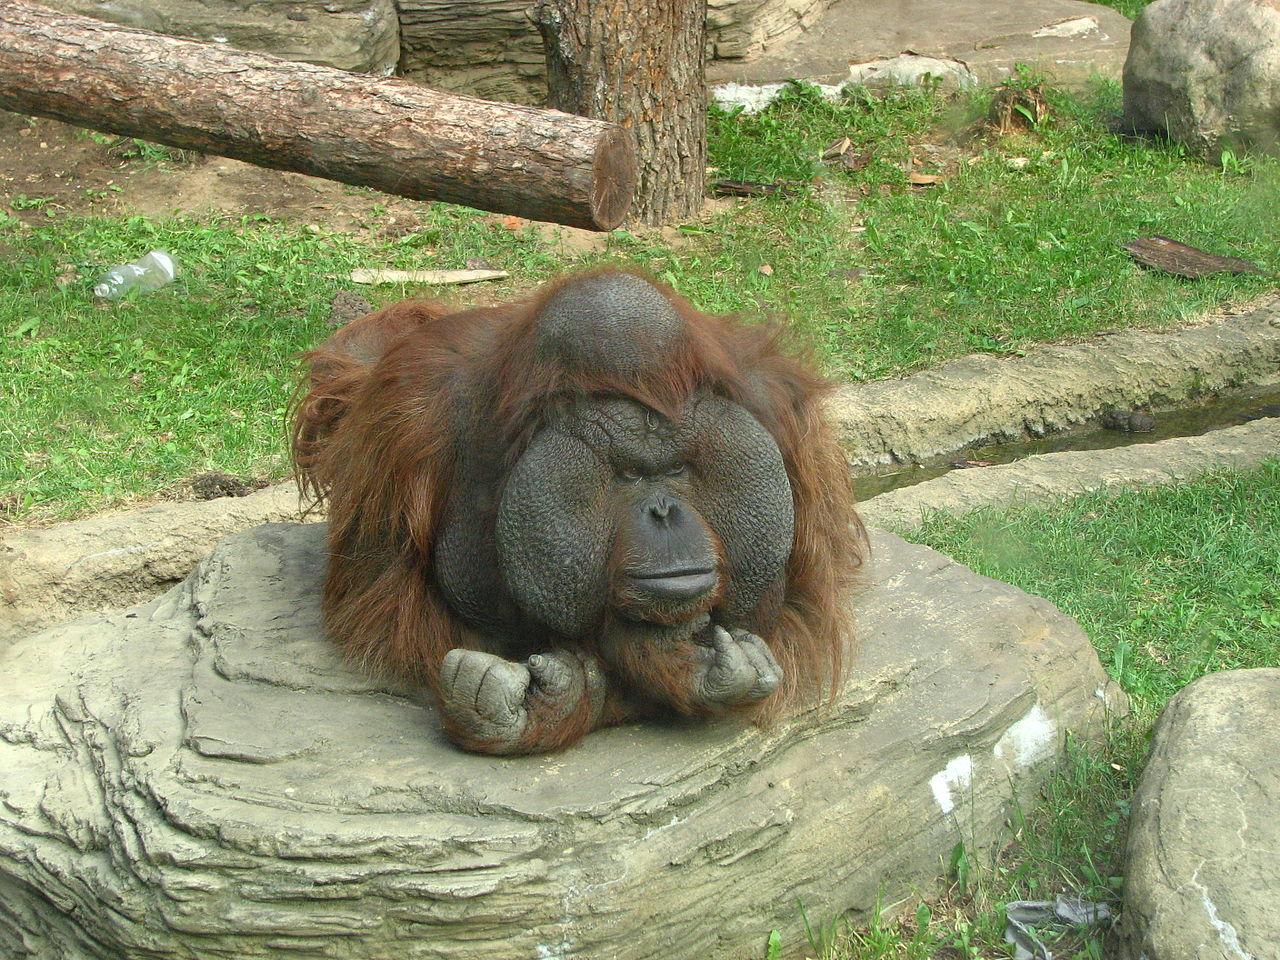 Калимантанский орангутан в зоопарке Москвы